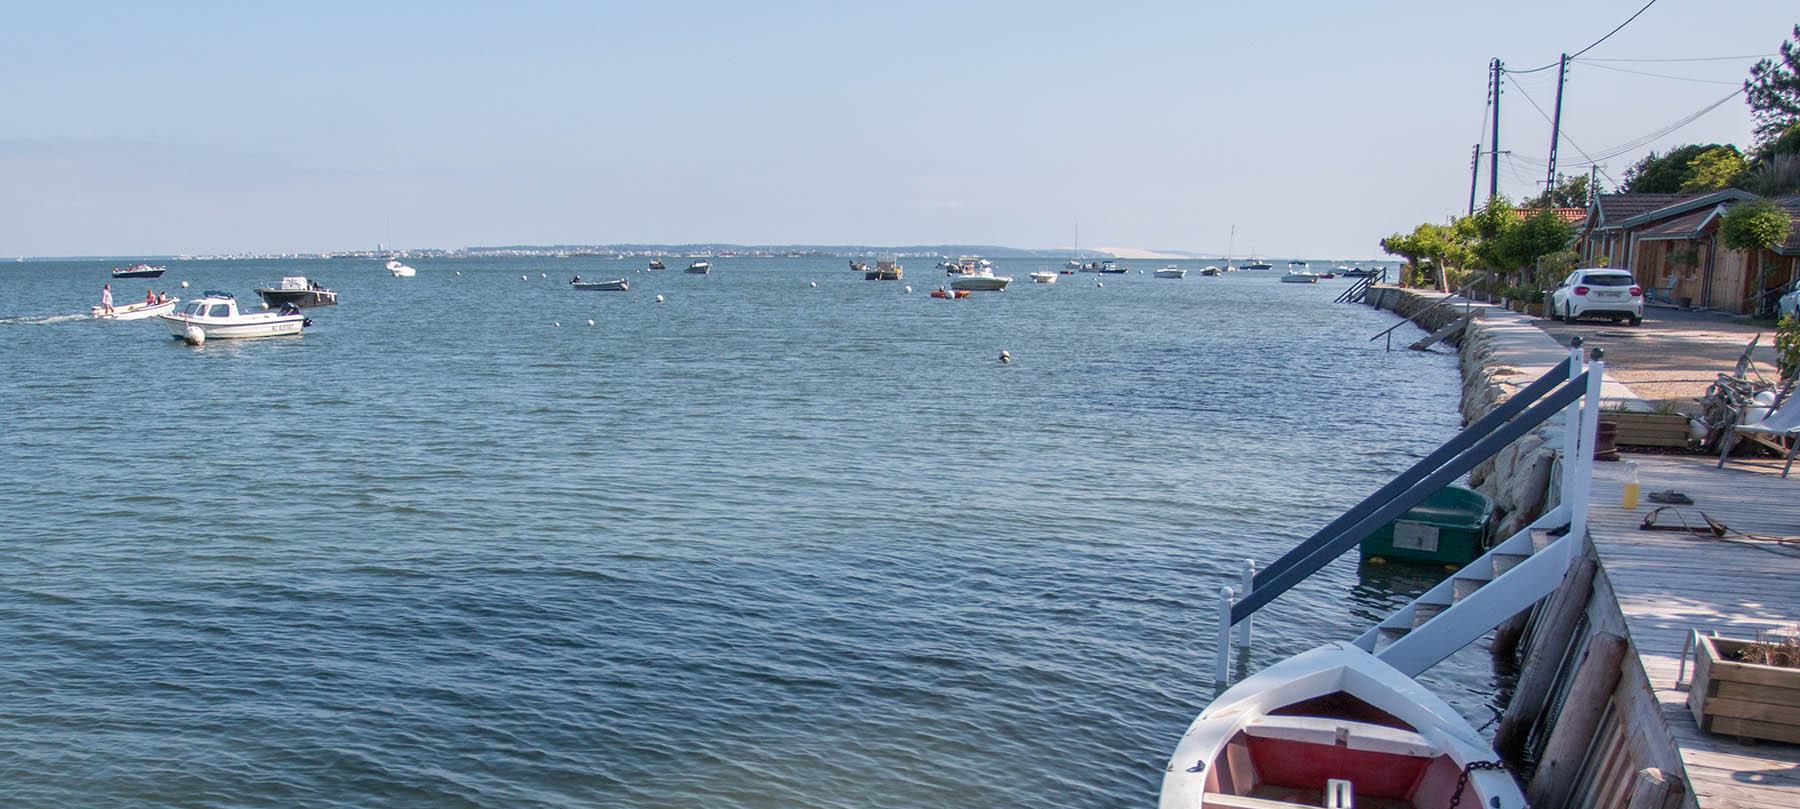 Bord de Bassin d'Arcachon au village du Four sur la presqu'ile du Cap Ferret